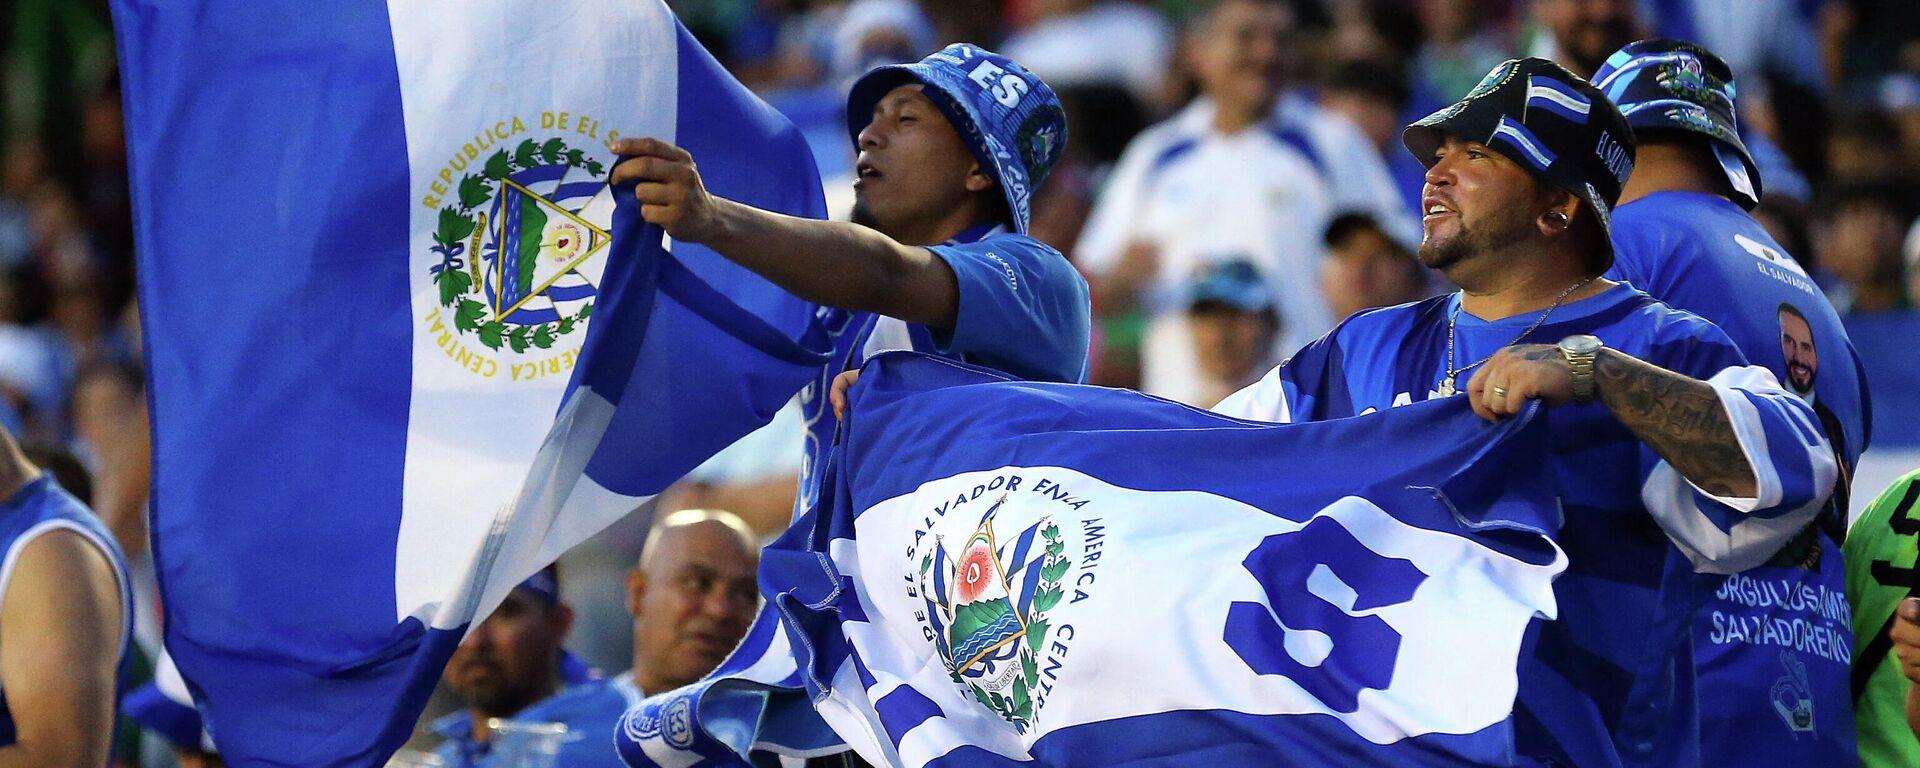 Hinchas de El Salvador en la Copa de Oro - Sputnik Mundo, 1920, 19.07.2021